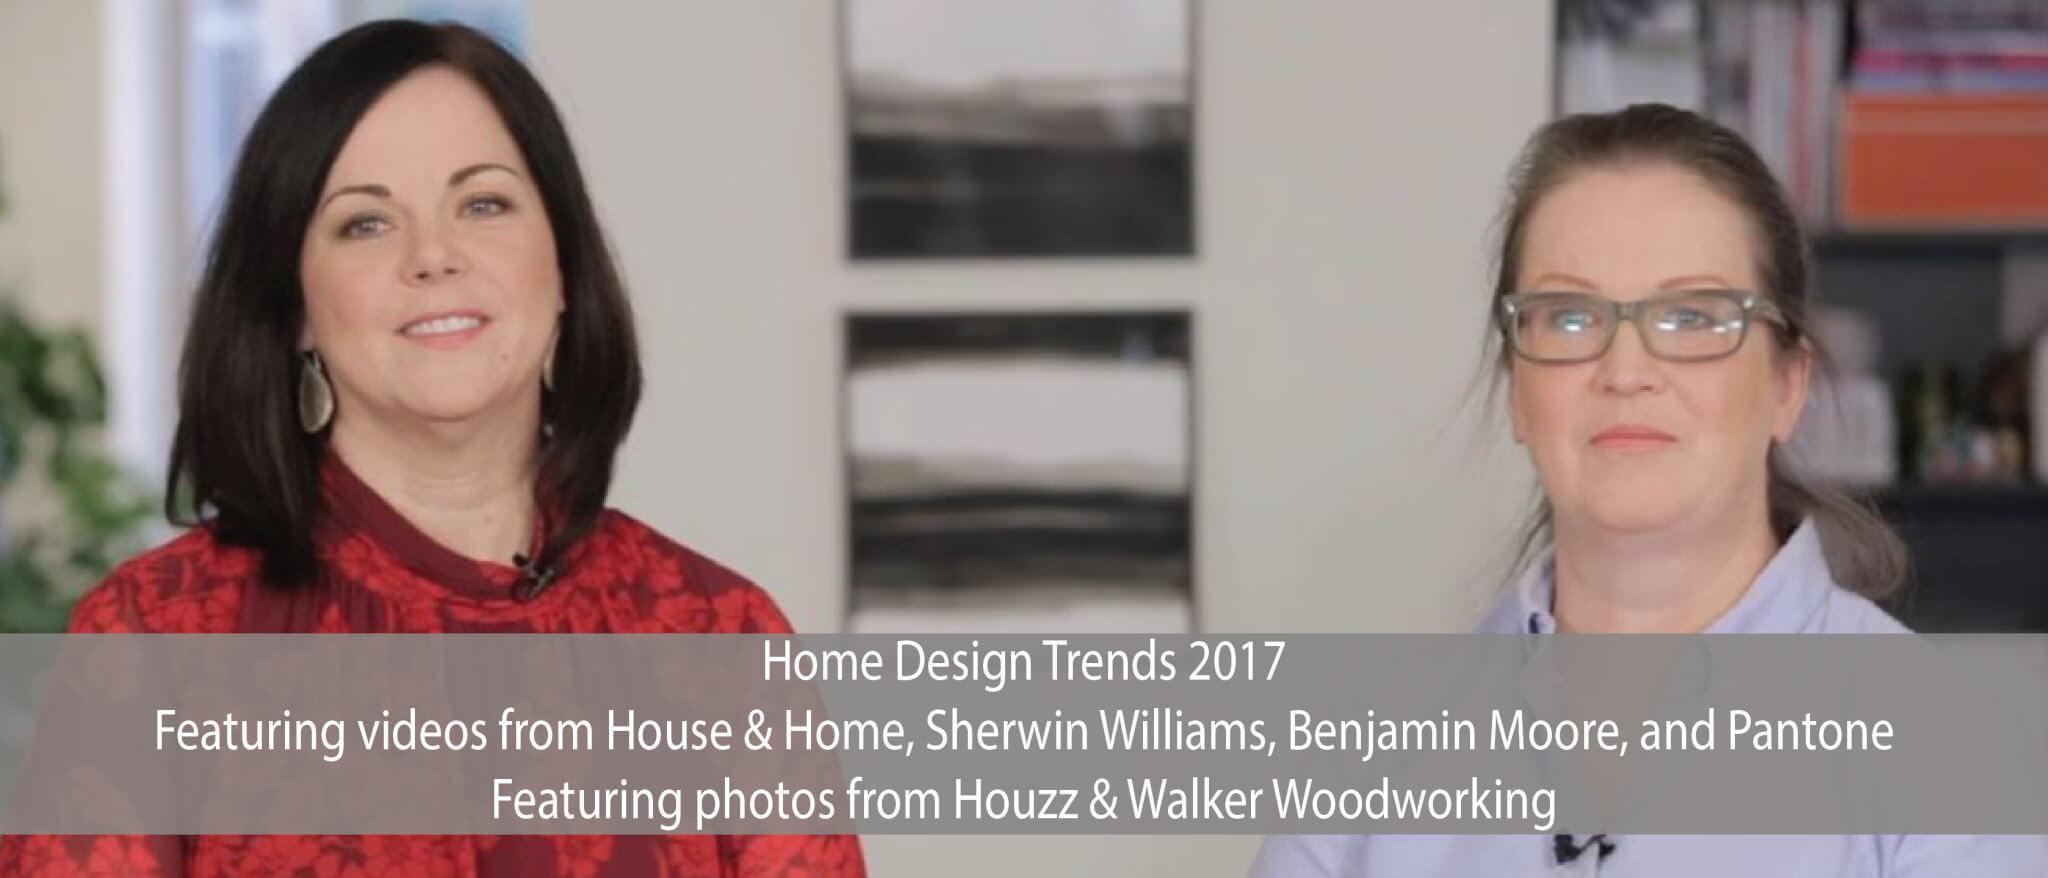 Home Design Trends 2017 Walker Woodworking